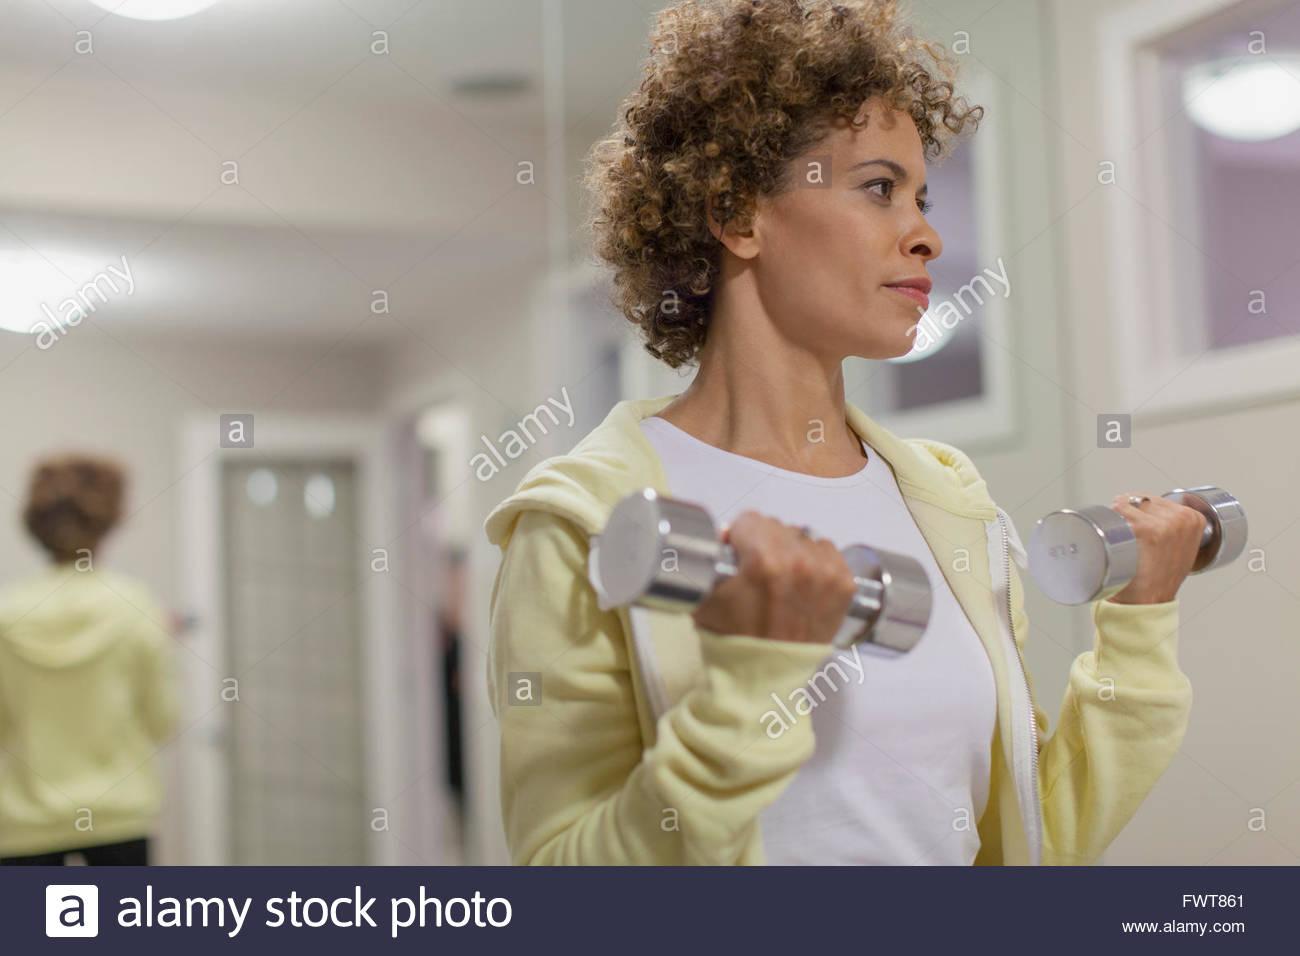 Donna che utilizza i pesi per allenamento. Immagini Stock